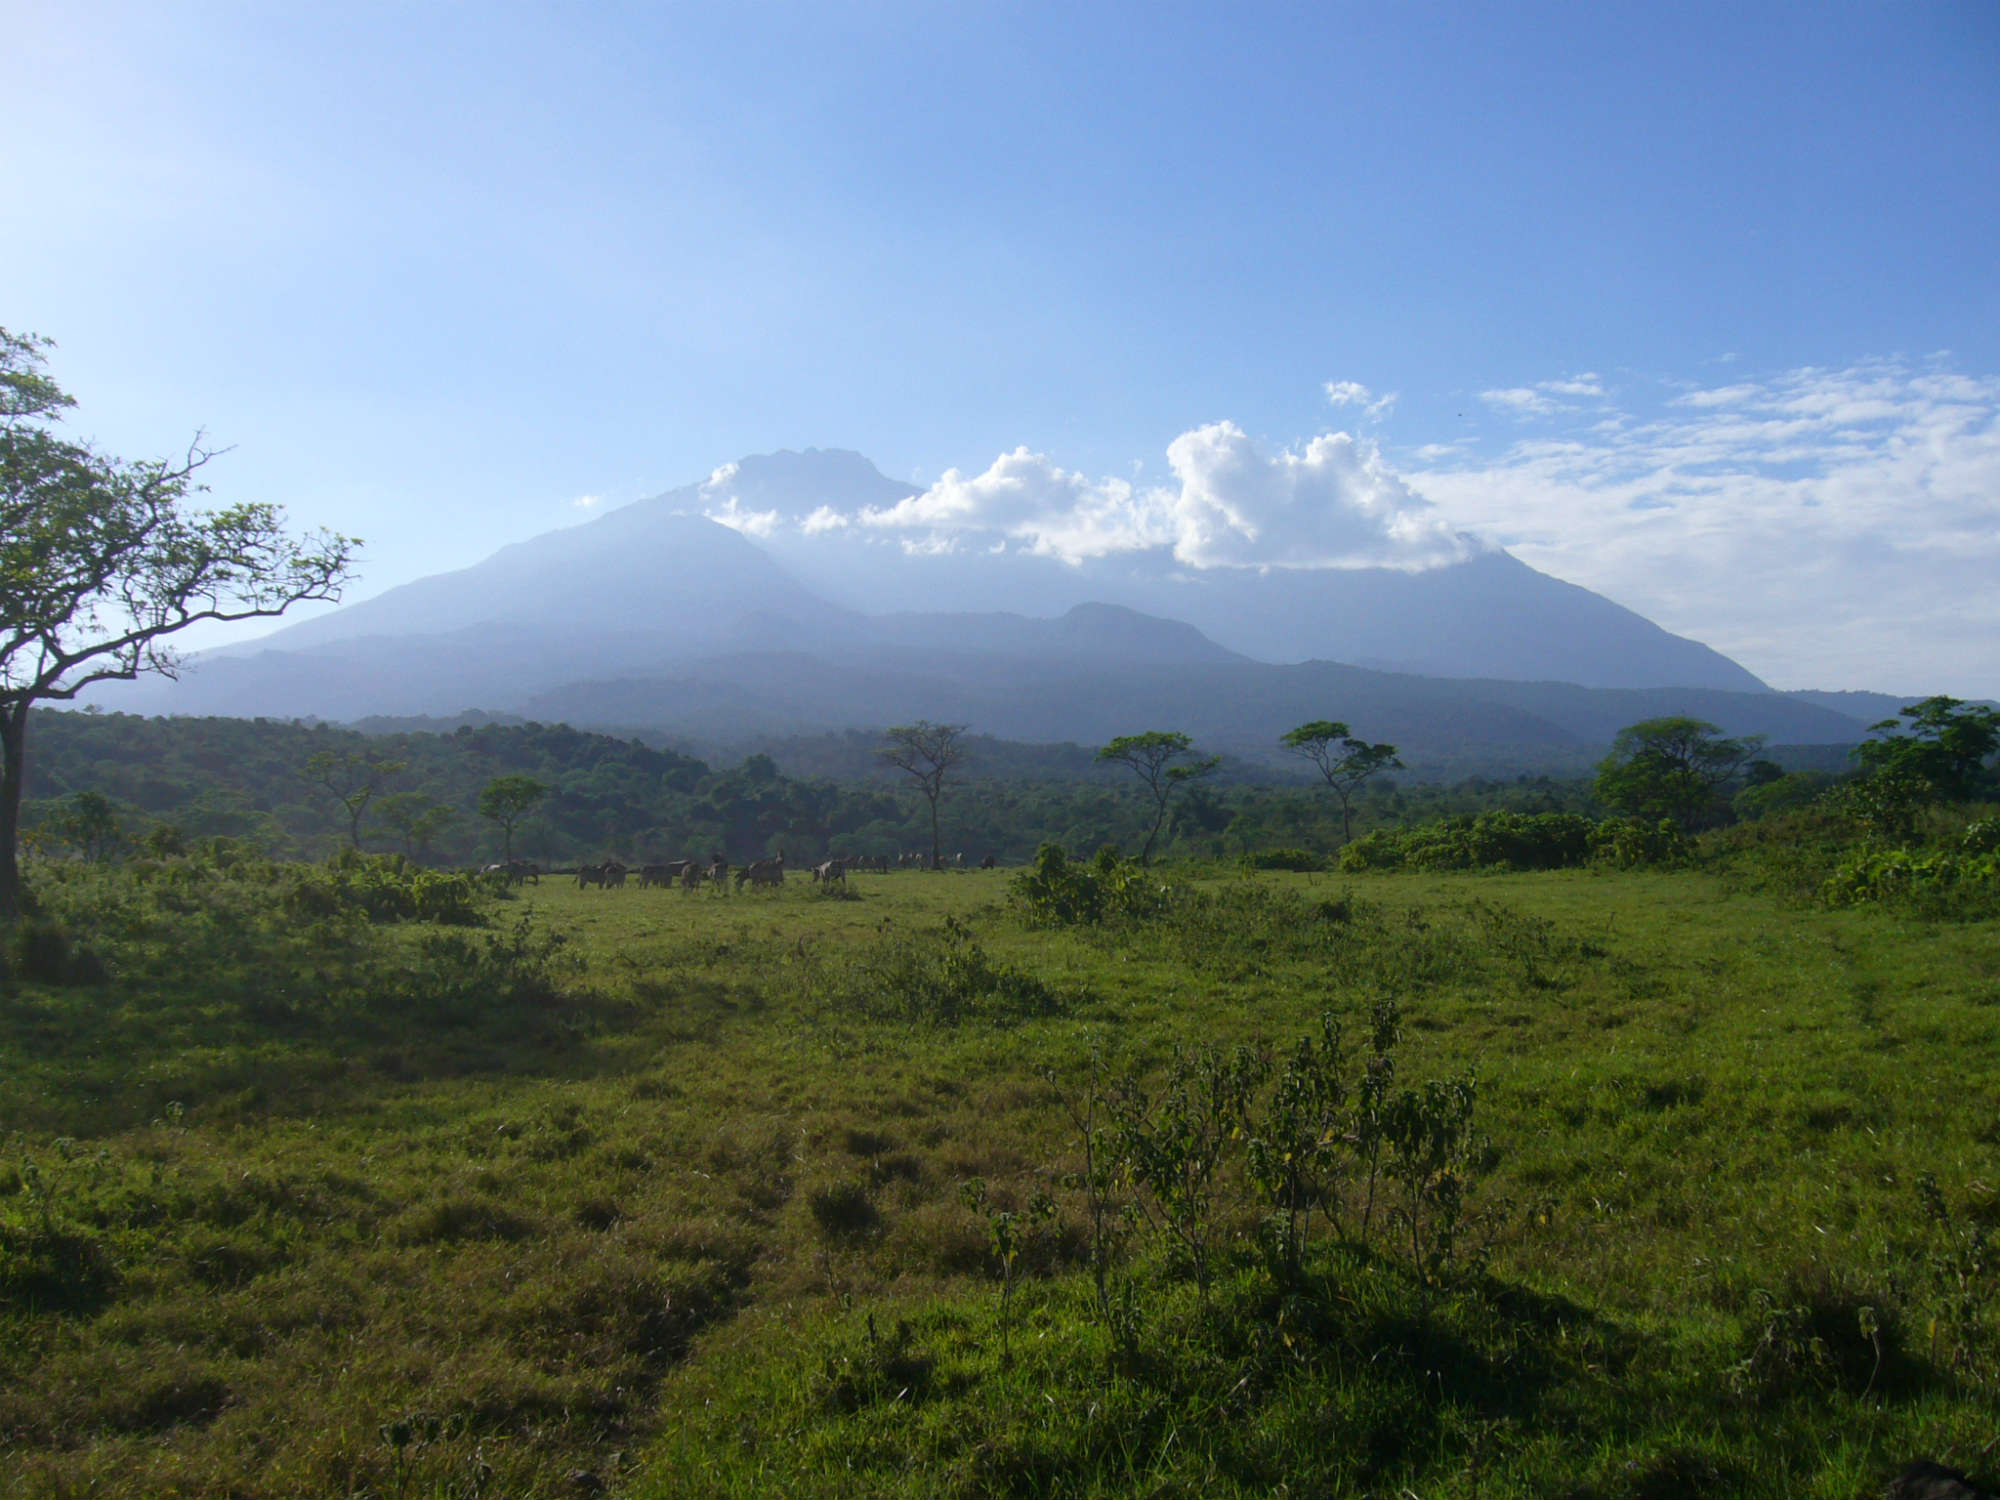 メルー山とキリマンジャロ登頂14日間